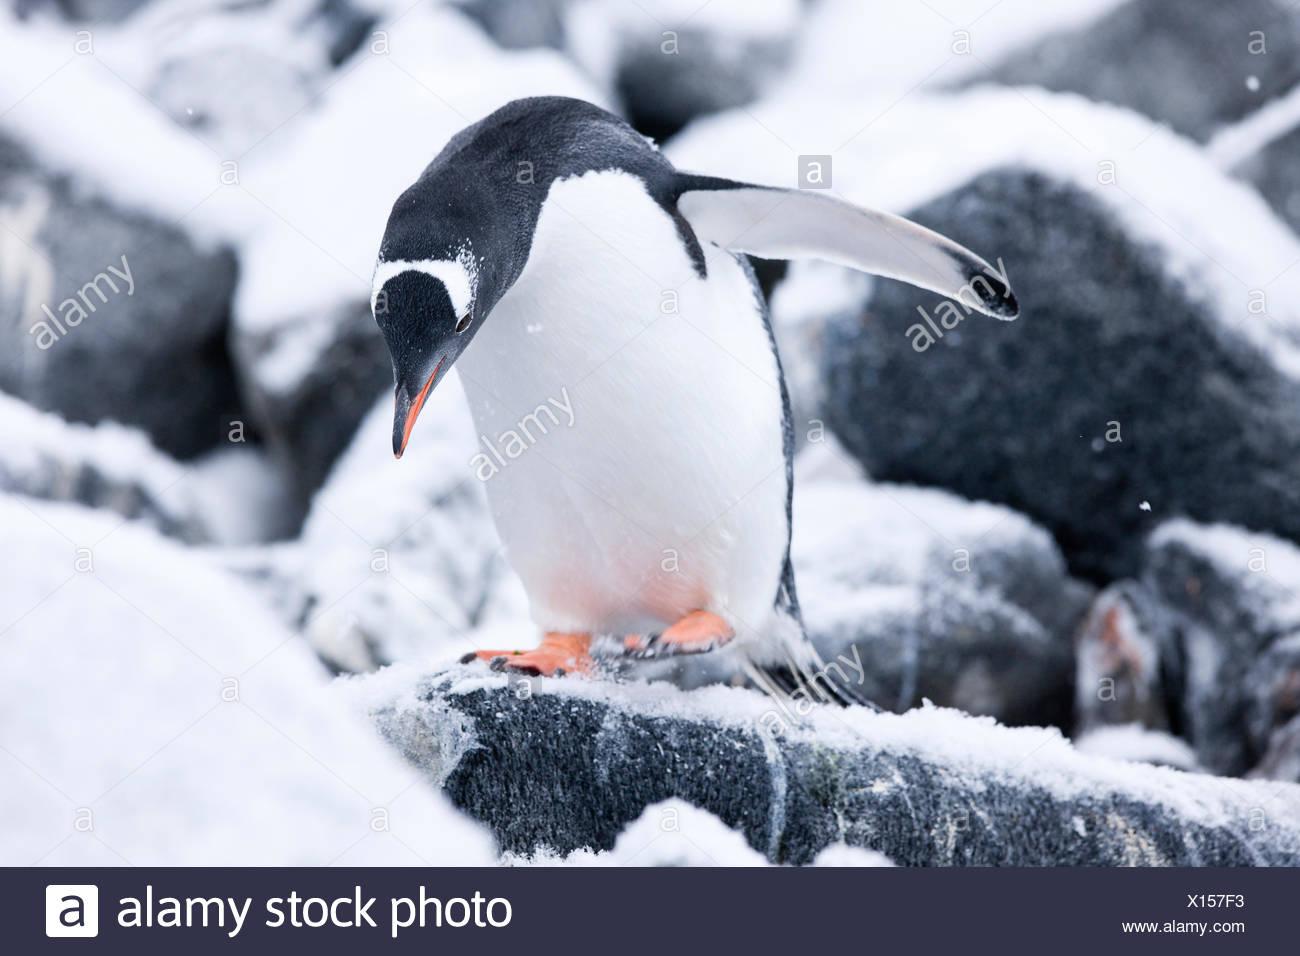 Pinguino Gentoo (Pygoscelis papua) tra ghiaccio e roccia, Penisola Antartica, Antartide Immagini Stock